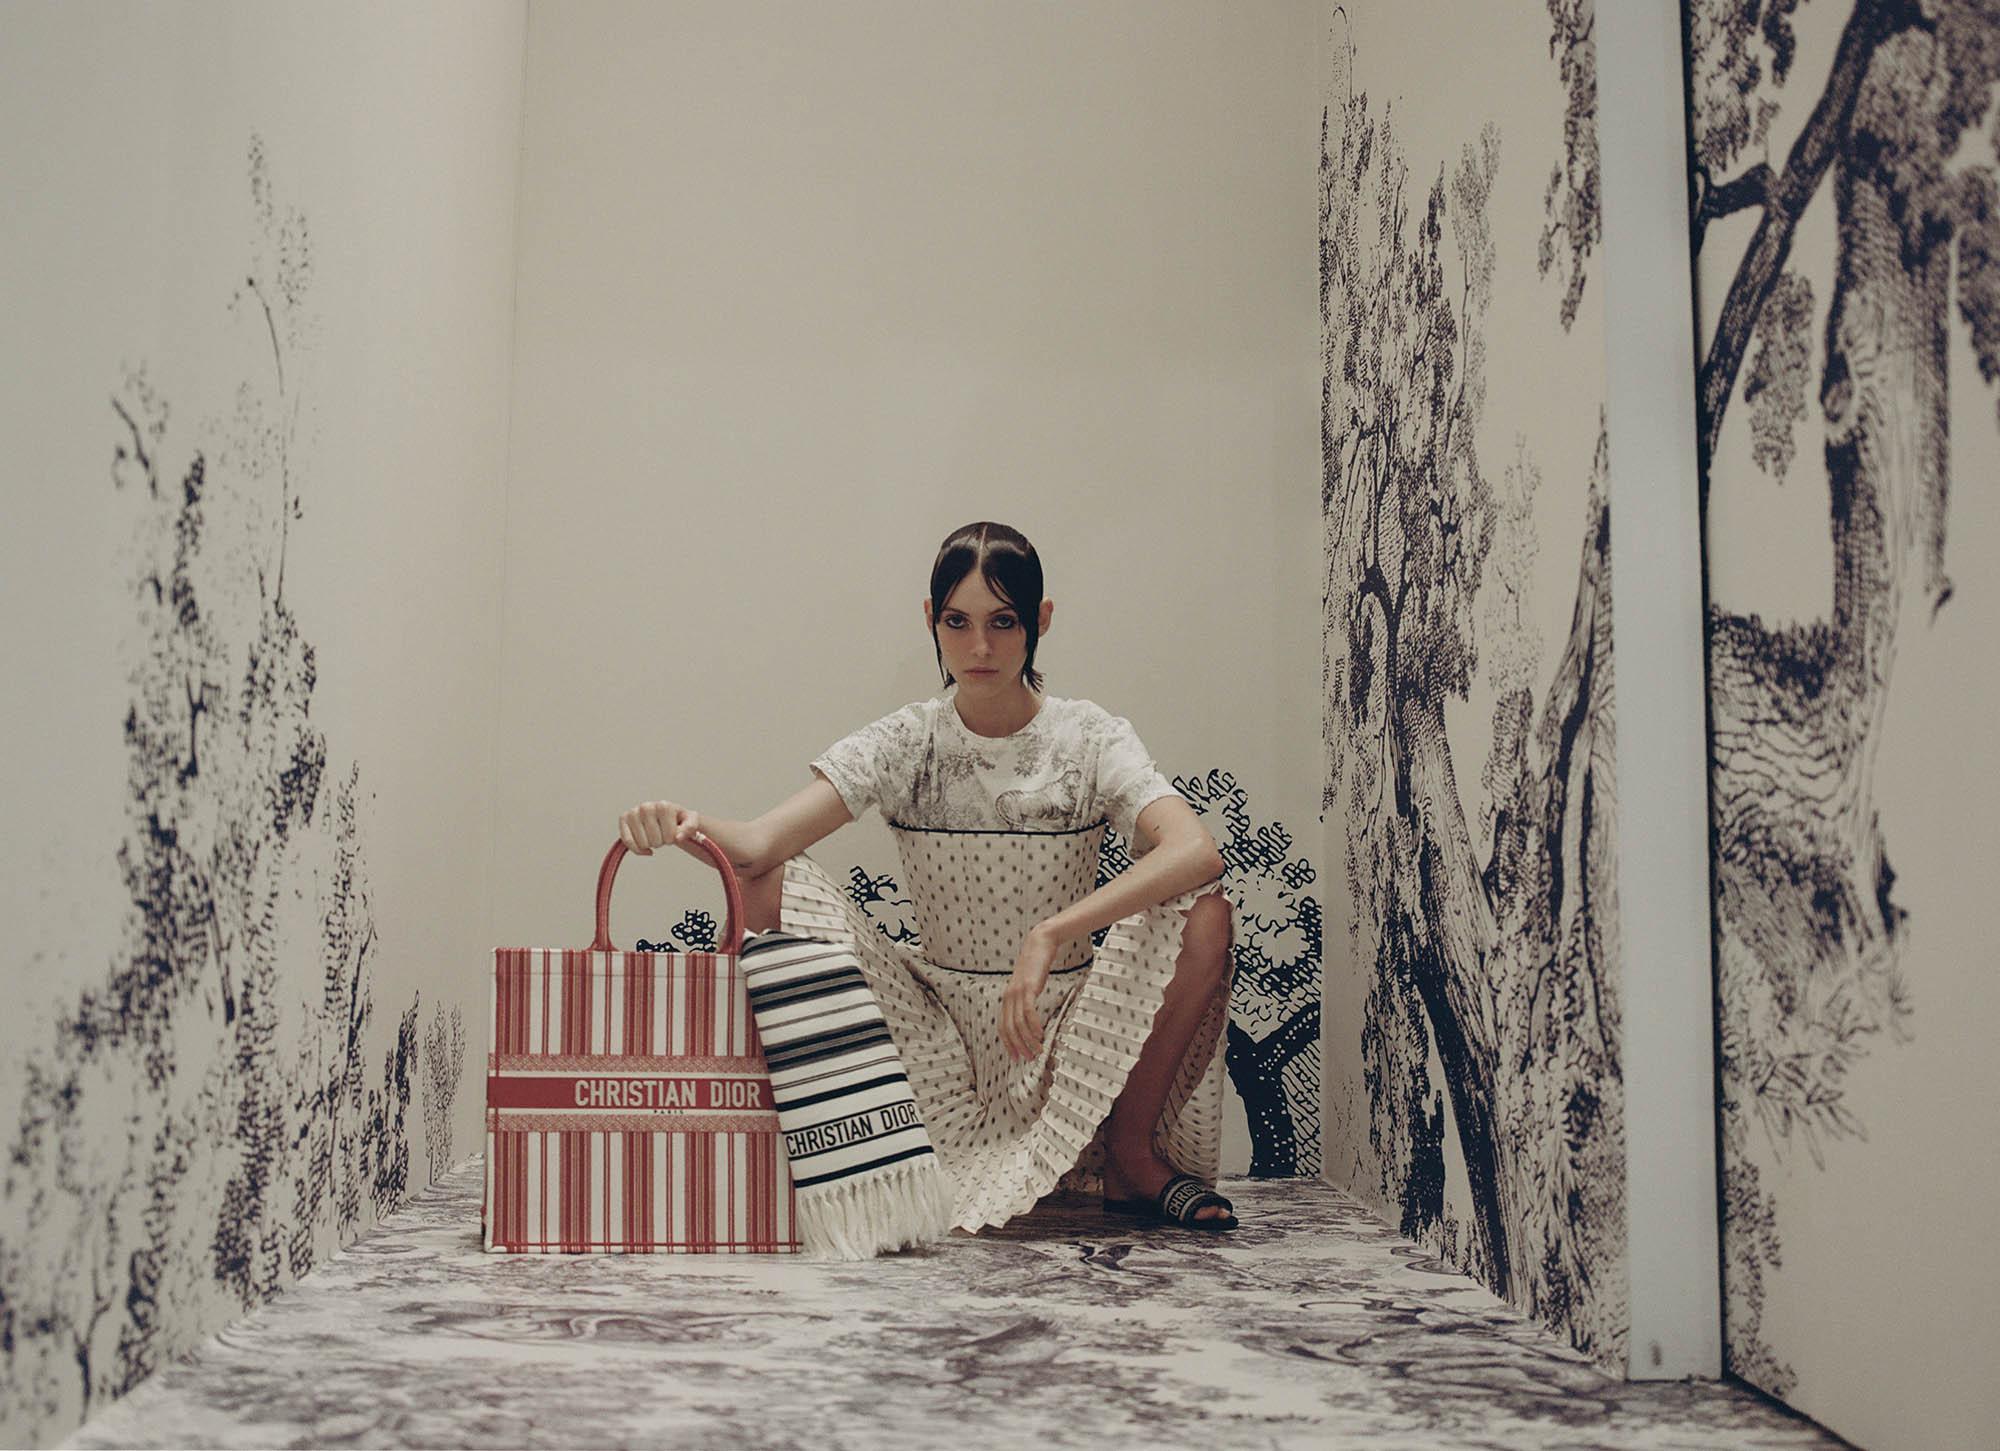 DAPHNENGUYEN-Dior x Matilda final-181214000246270008.jpg